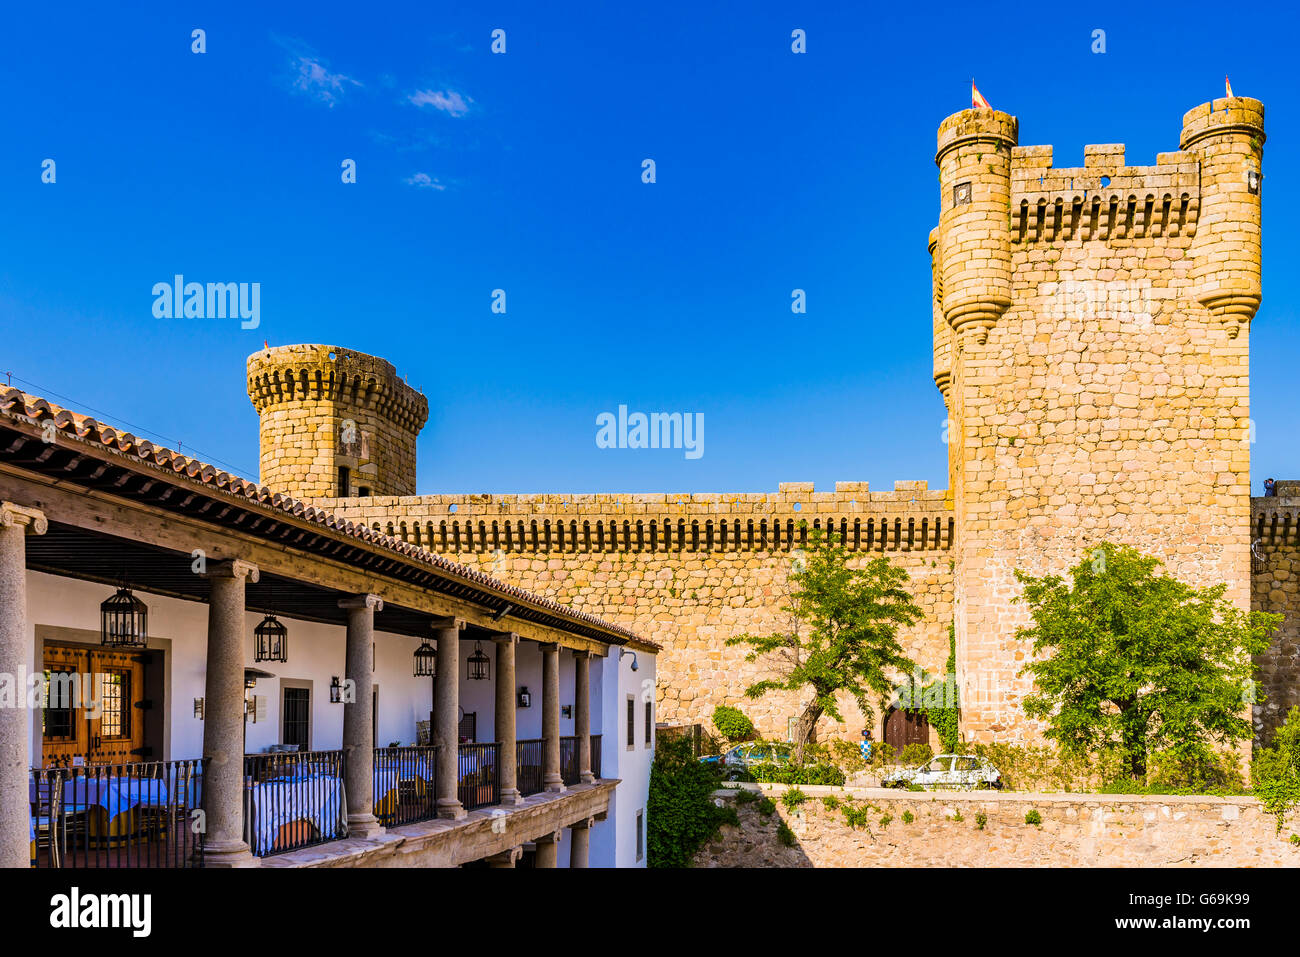 Parador Nacional de Turismo e castello di Oropesa Toledo, Castilla la Mancha, in Spagna, Europa Immagini Stock